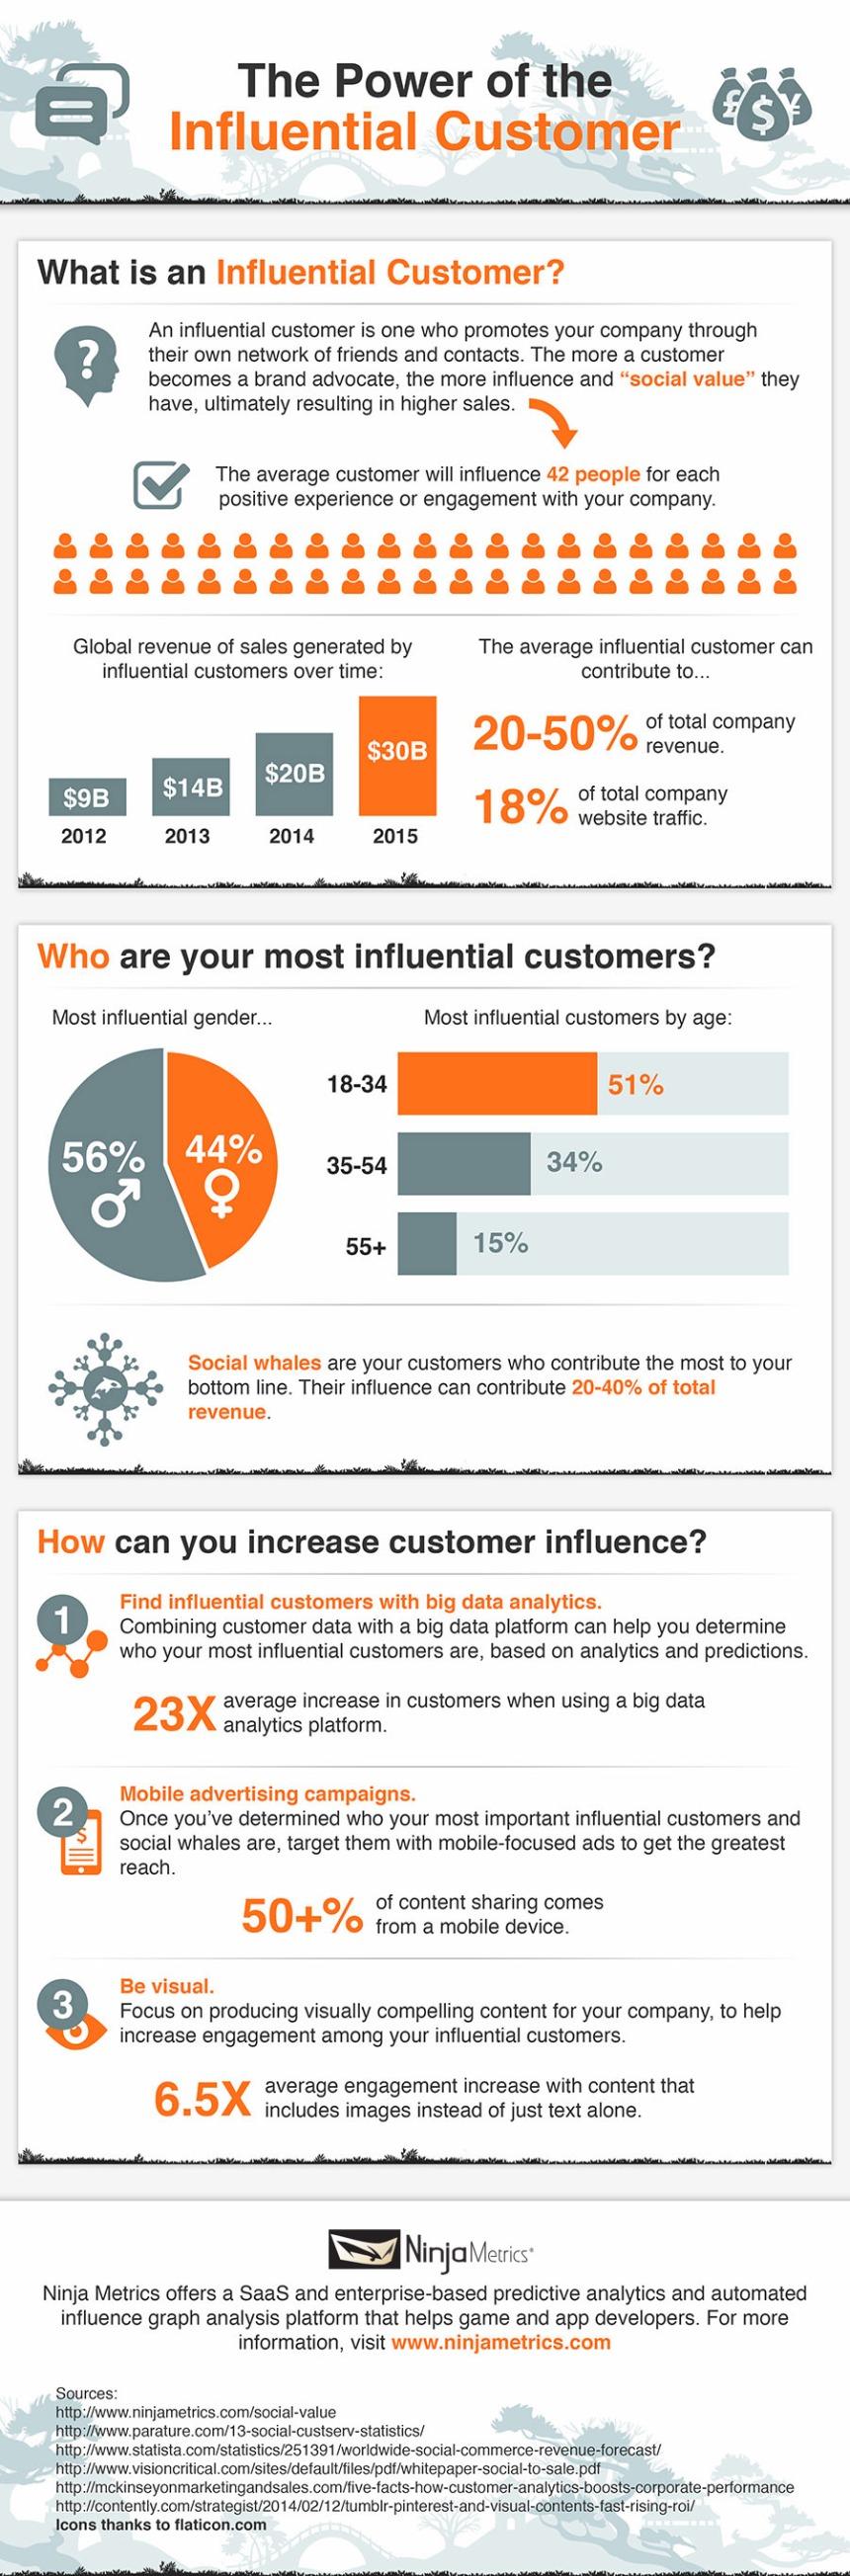 El poder de la influencia de los clientes